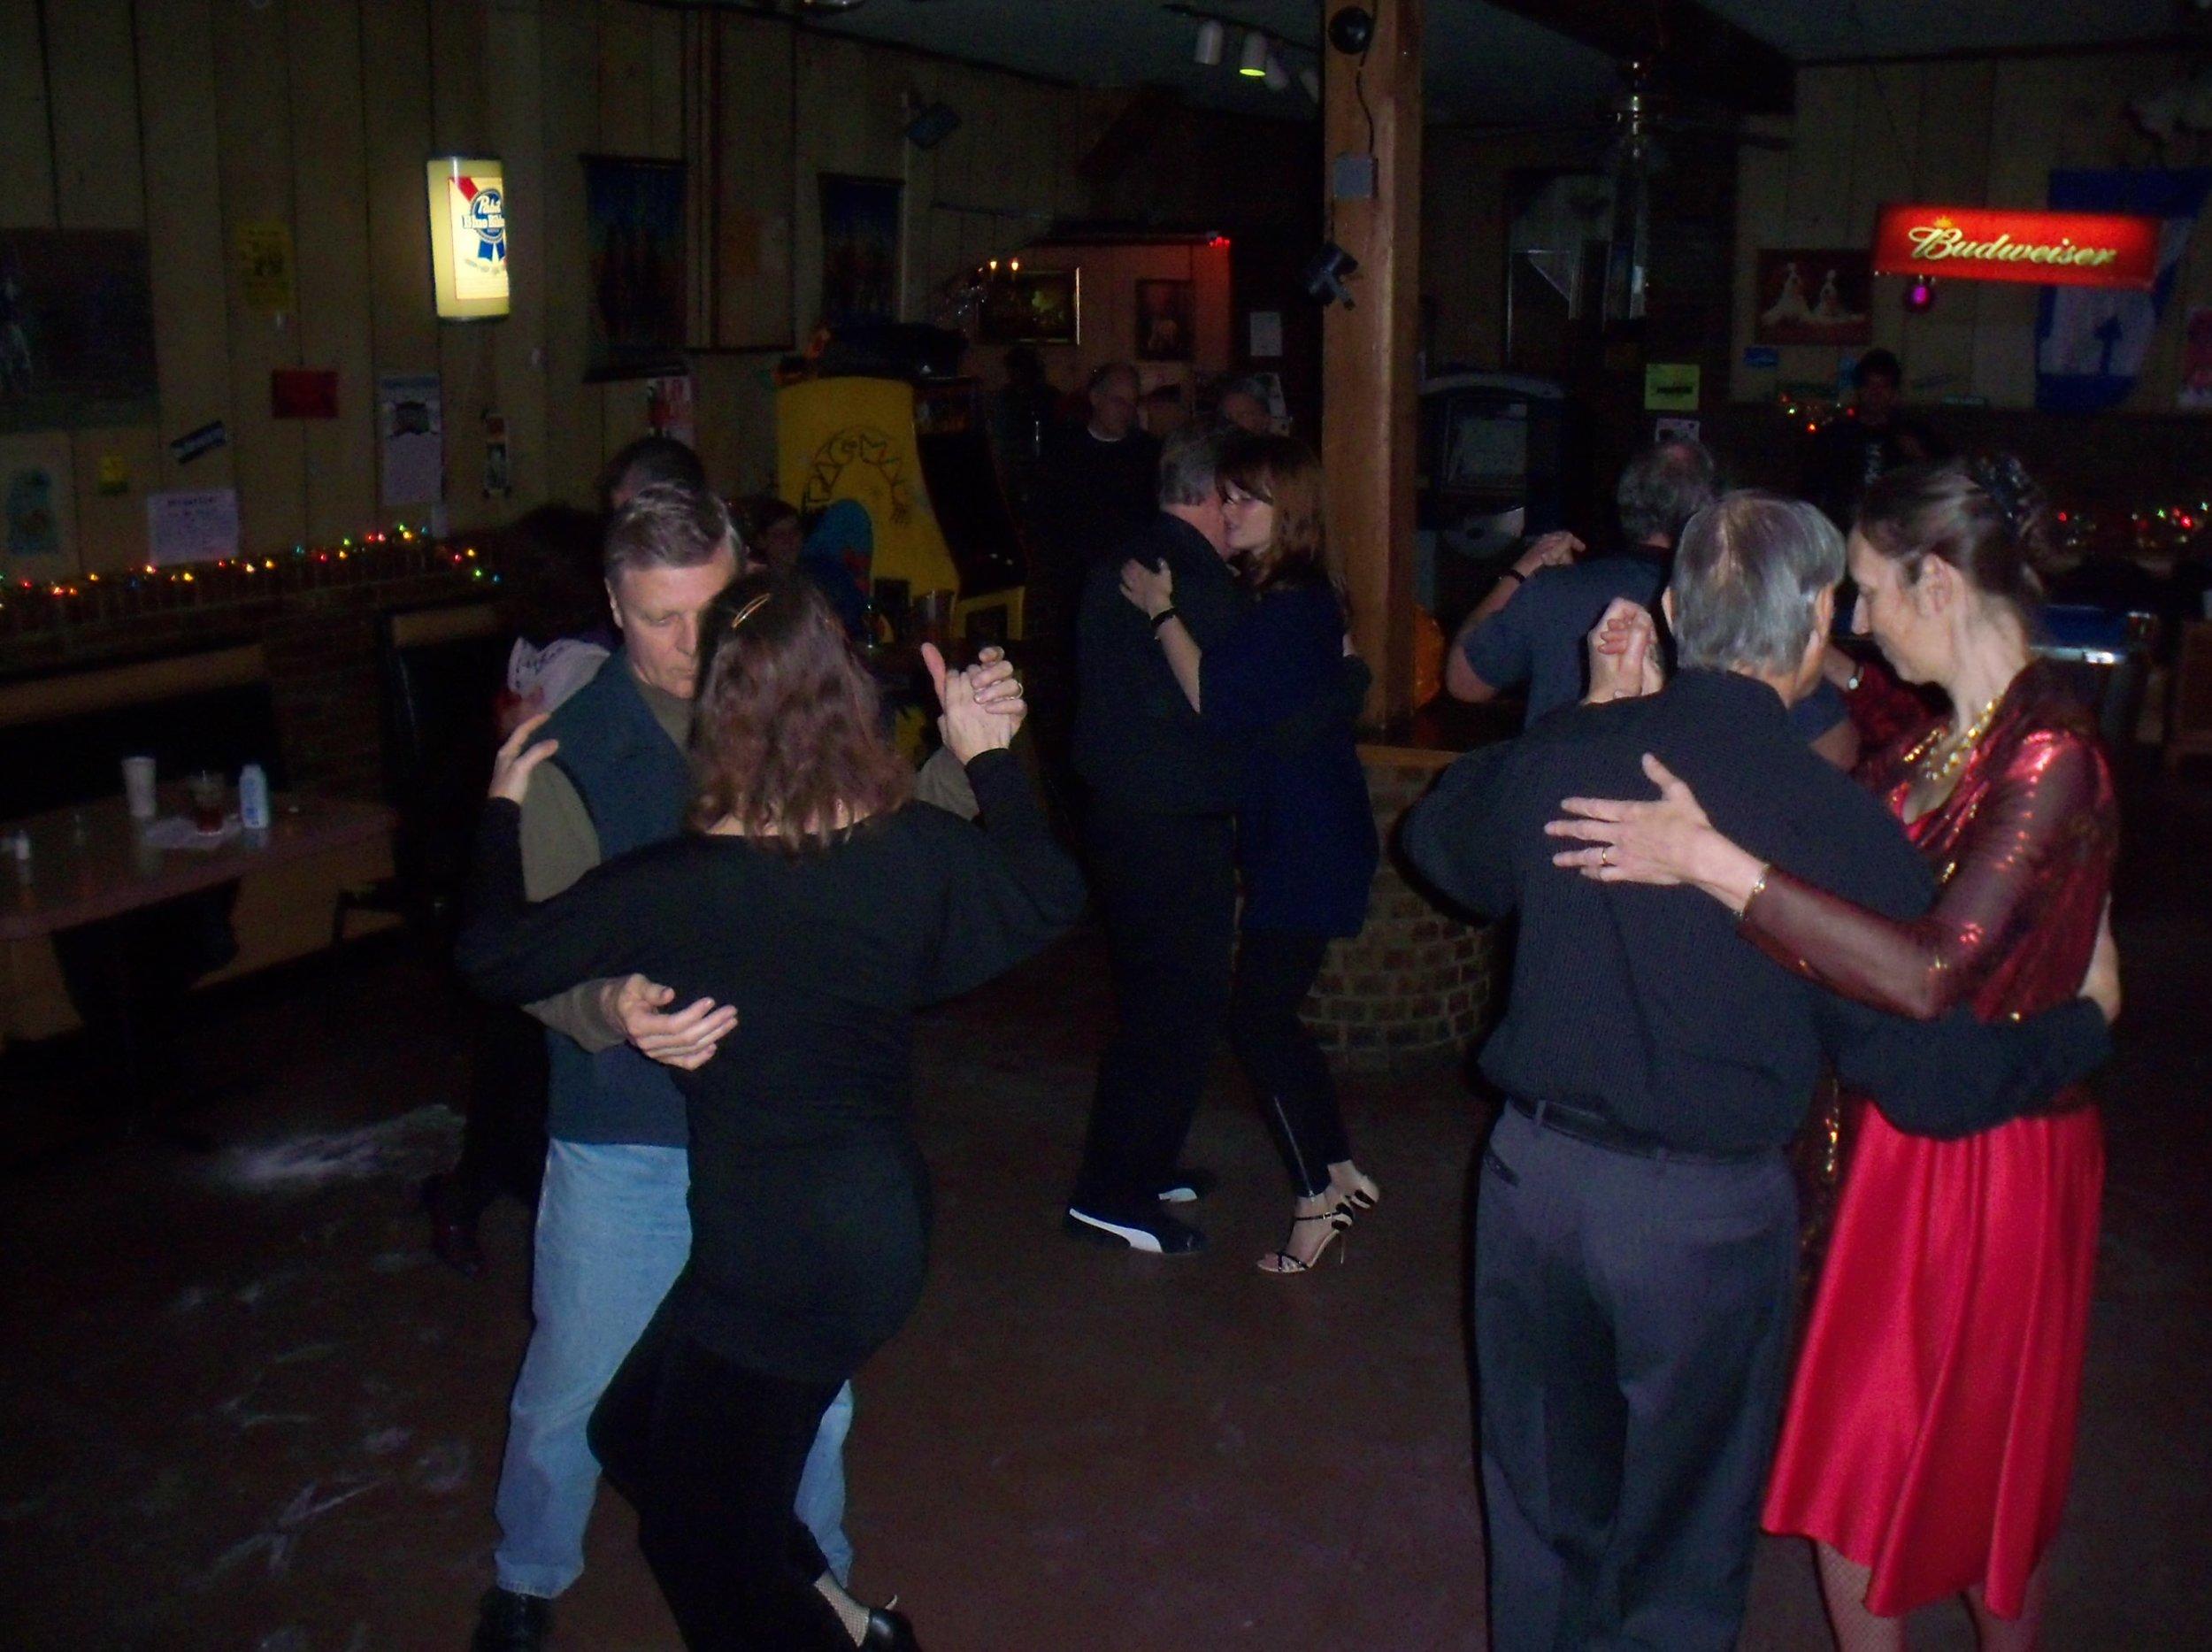 Al's Bar December